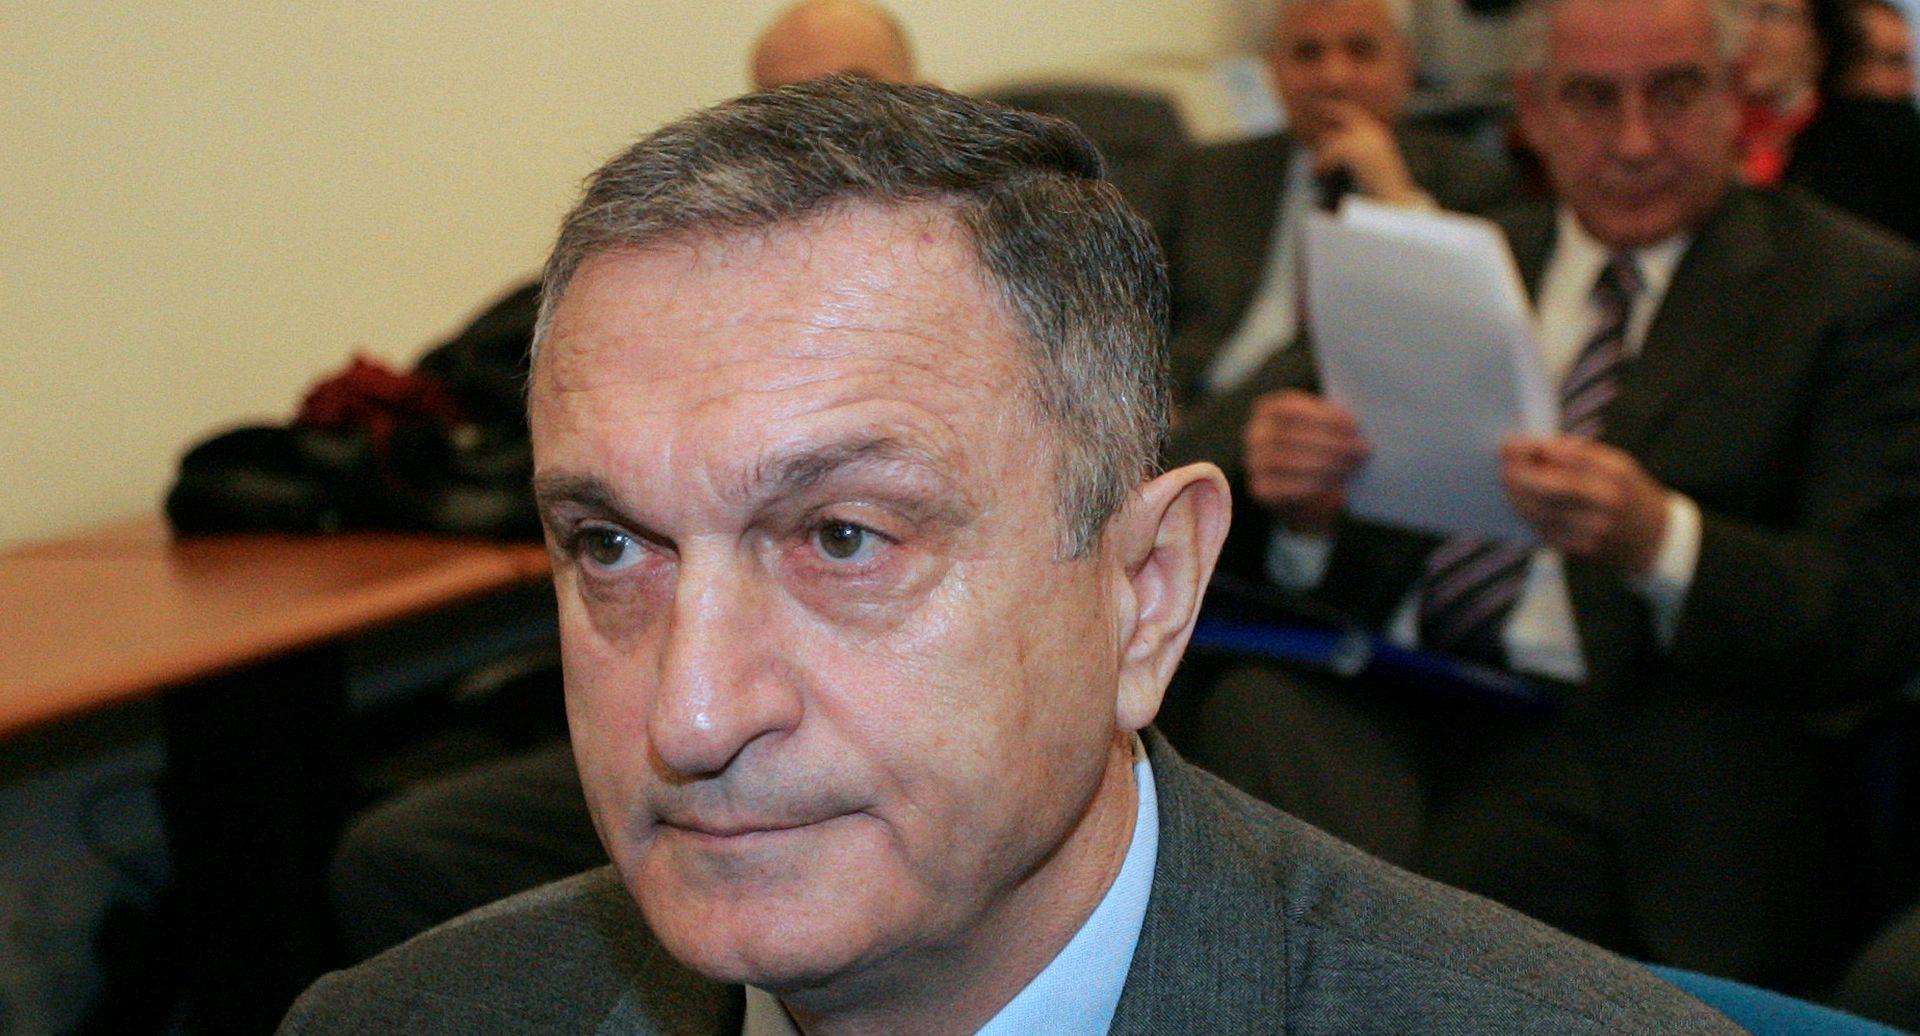 Ježić ne želi razgovarati o pet milijuna eura koje je obećao uplatiti državi